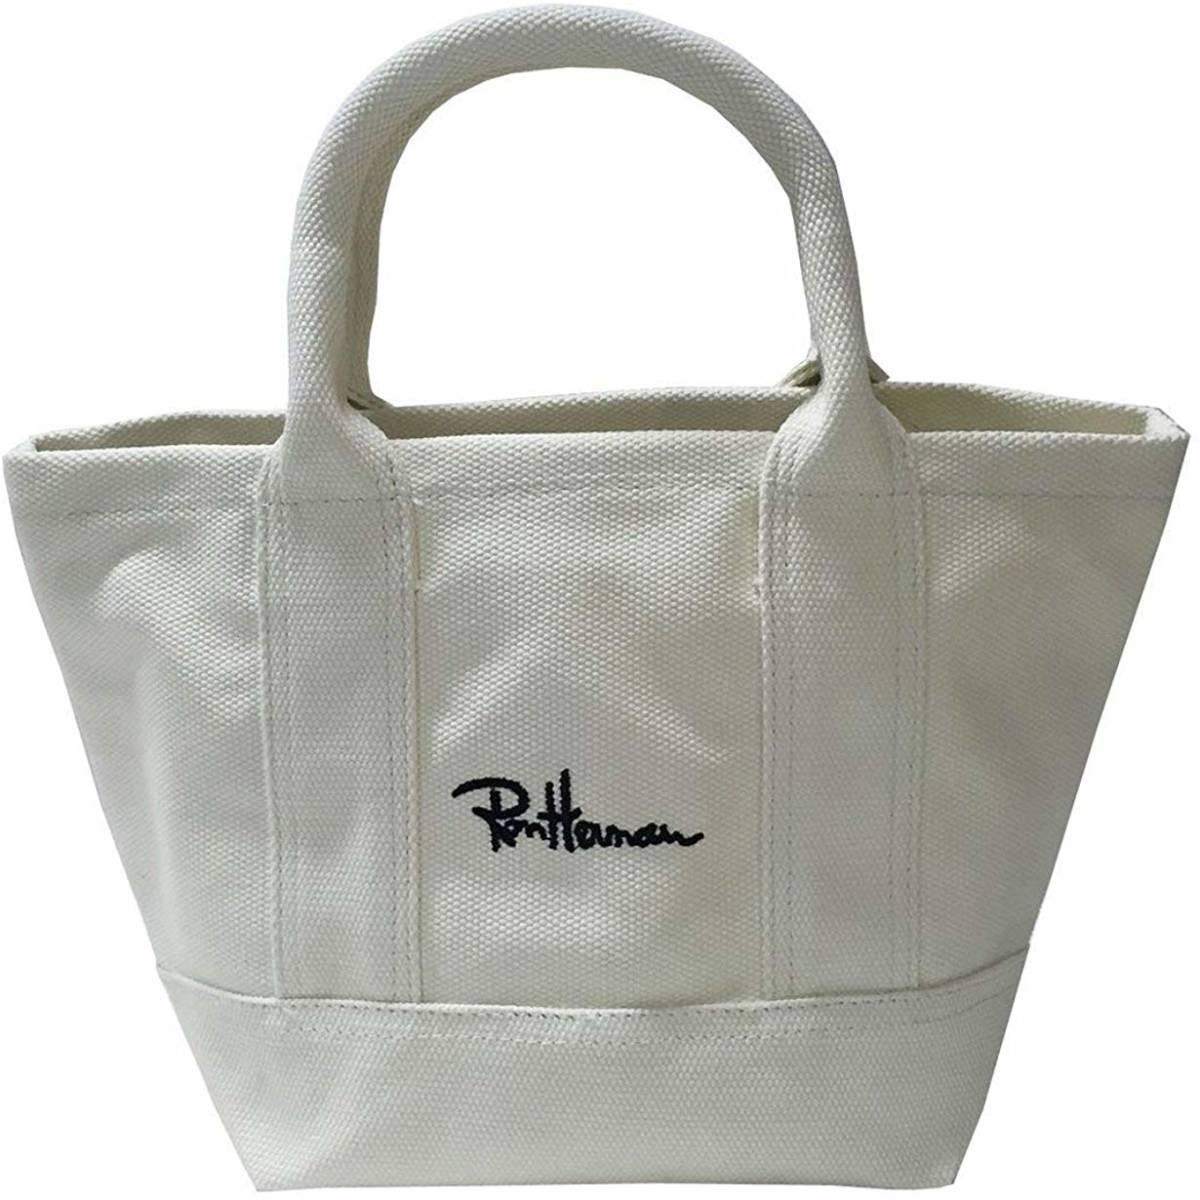 ミニトートバッグ 綿キャンバス 刺繍ロゴs